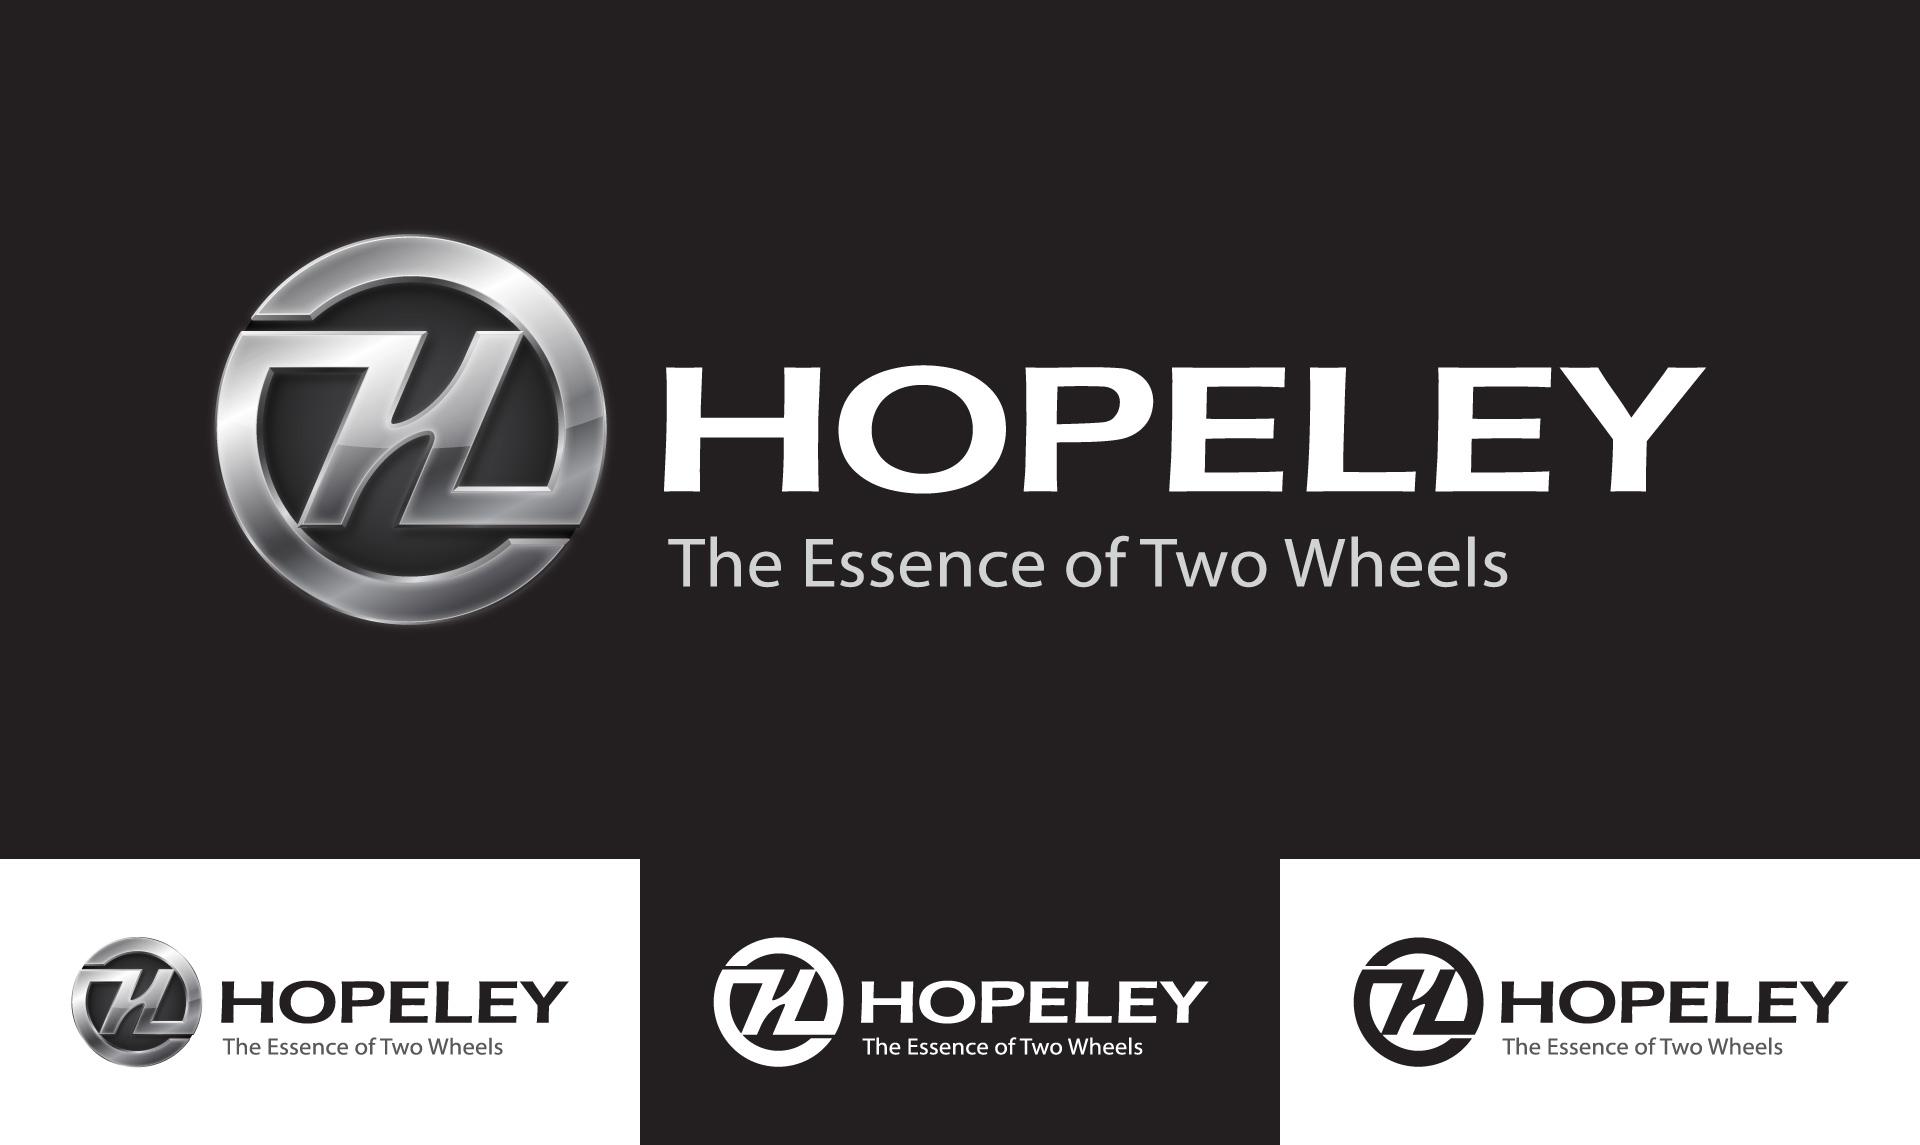 Hopeley Branding Design Logo 02